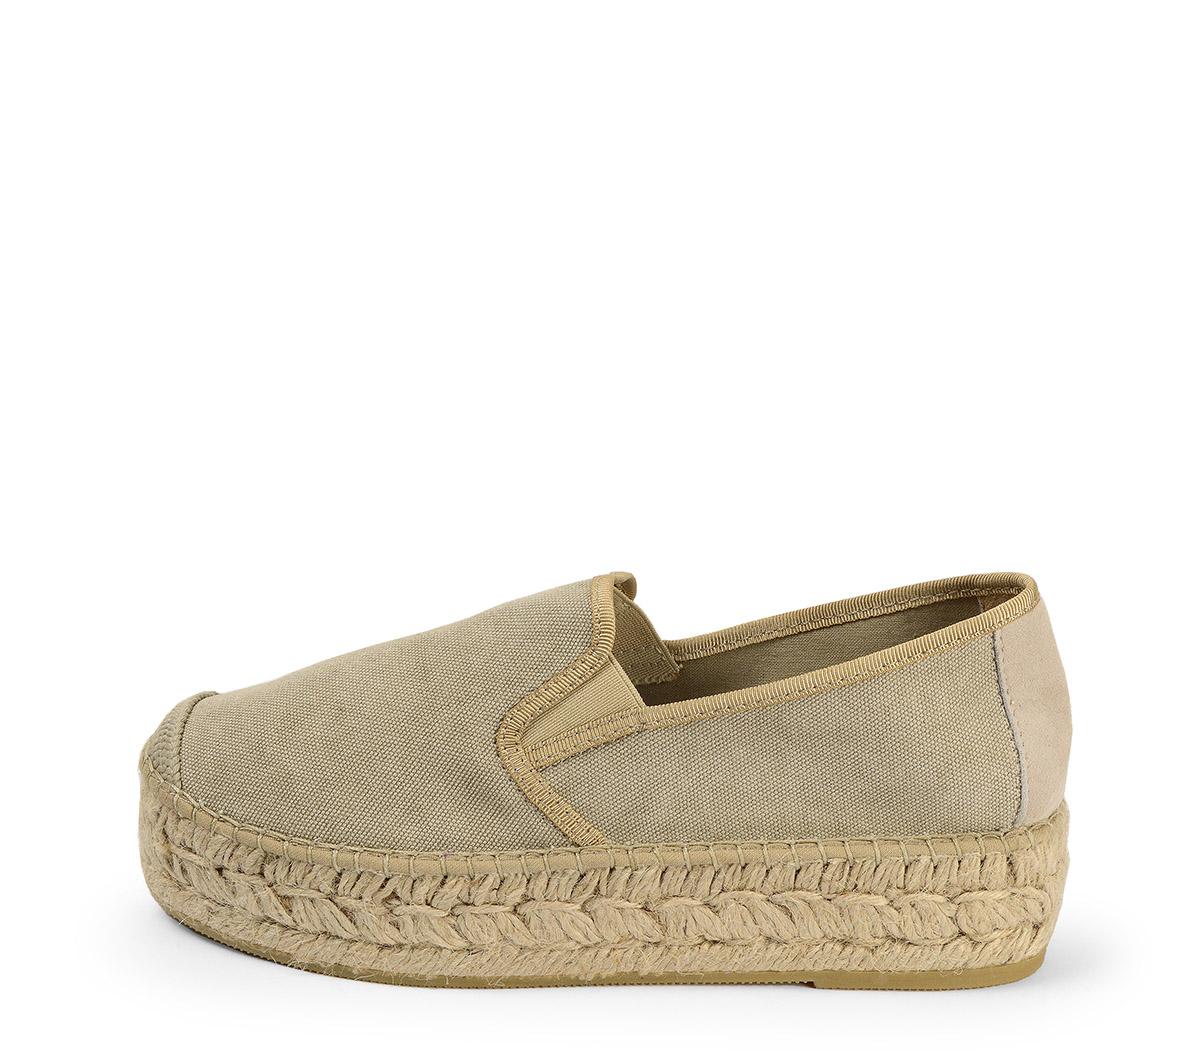 Ref. 3819 Zapato tela beige con plataforma de esparto de 4 cm.